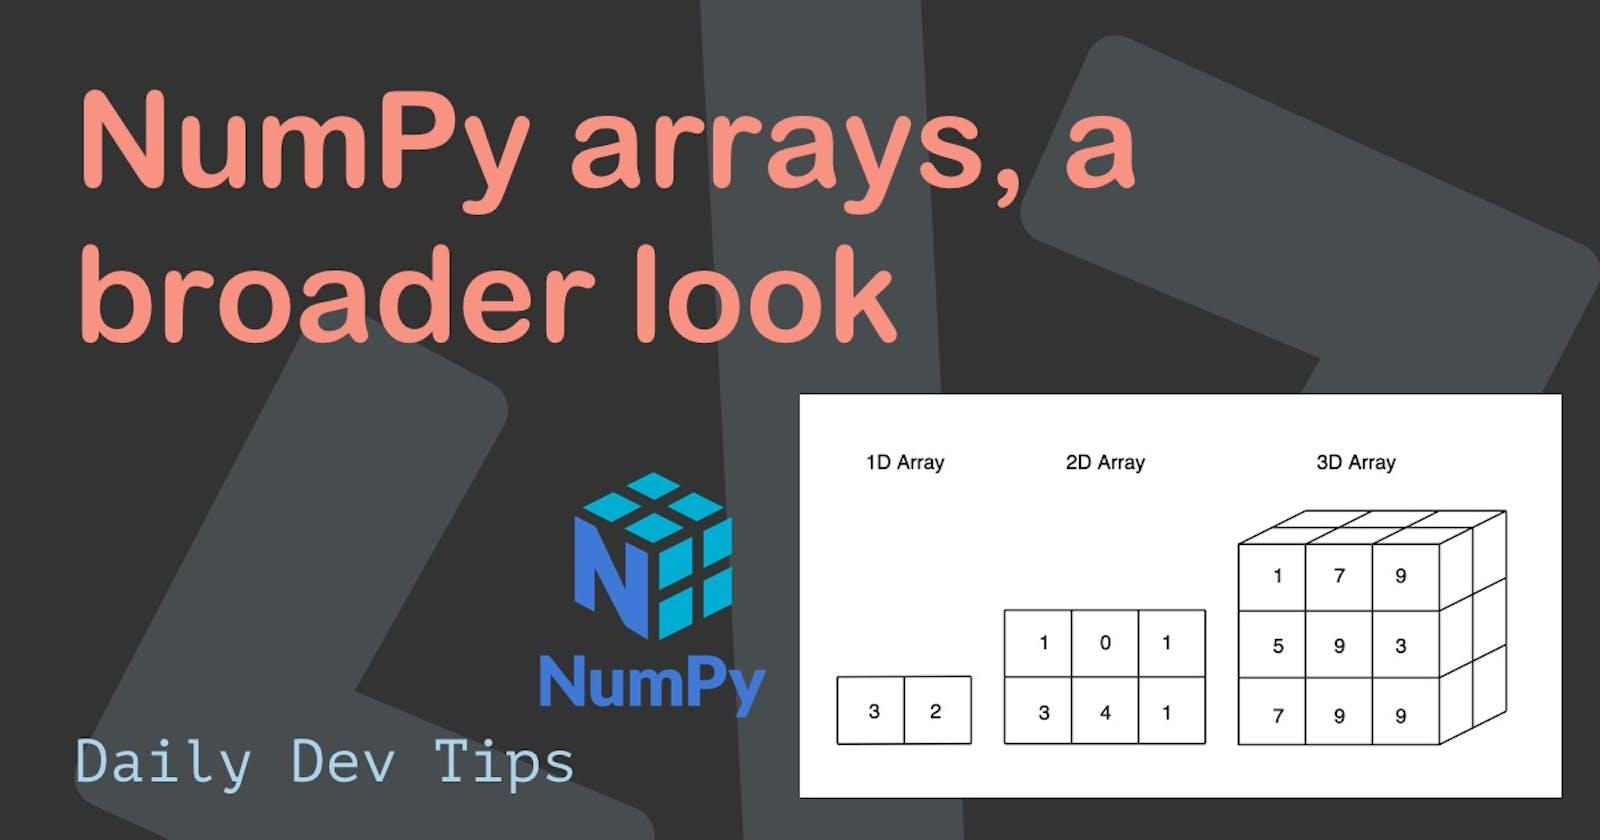 NumPy arrays, a broader look